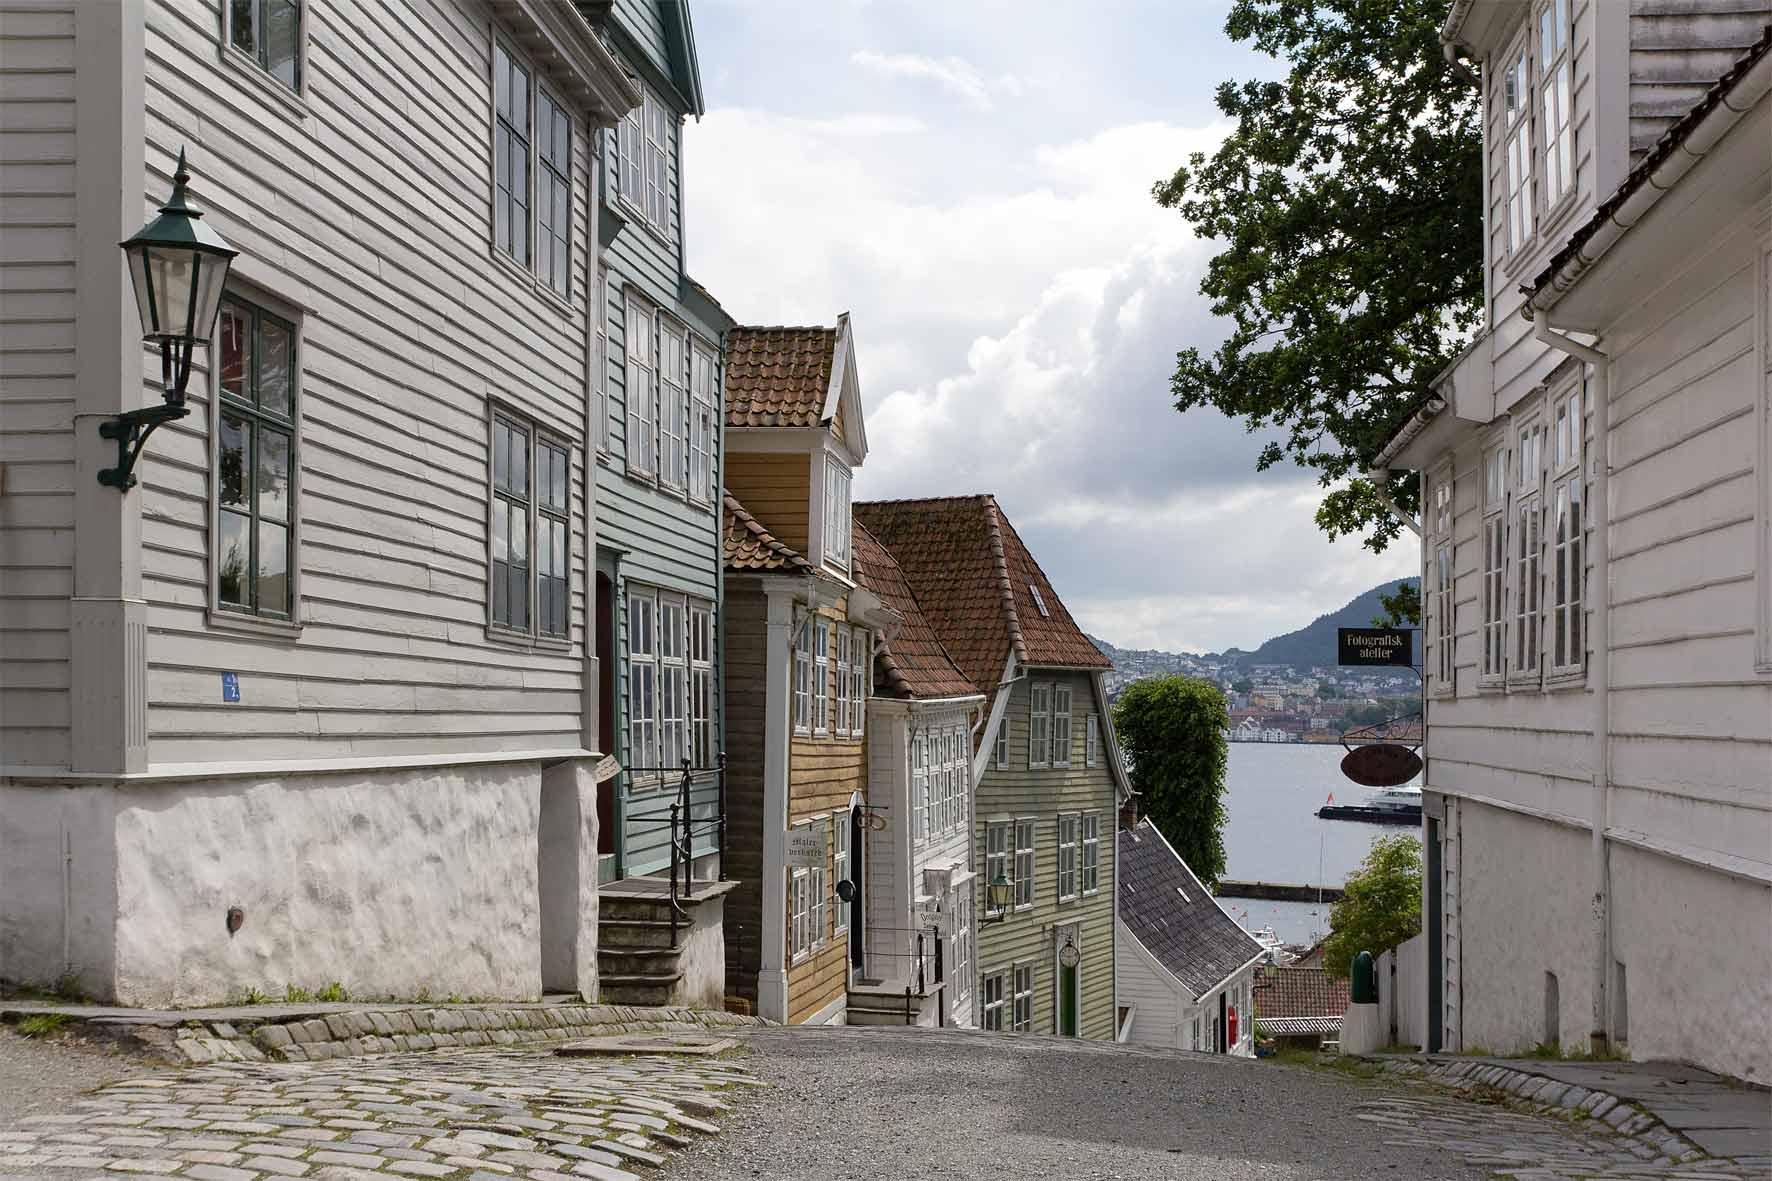 Gammle Bergen